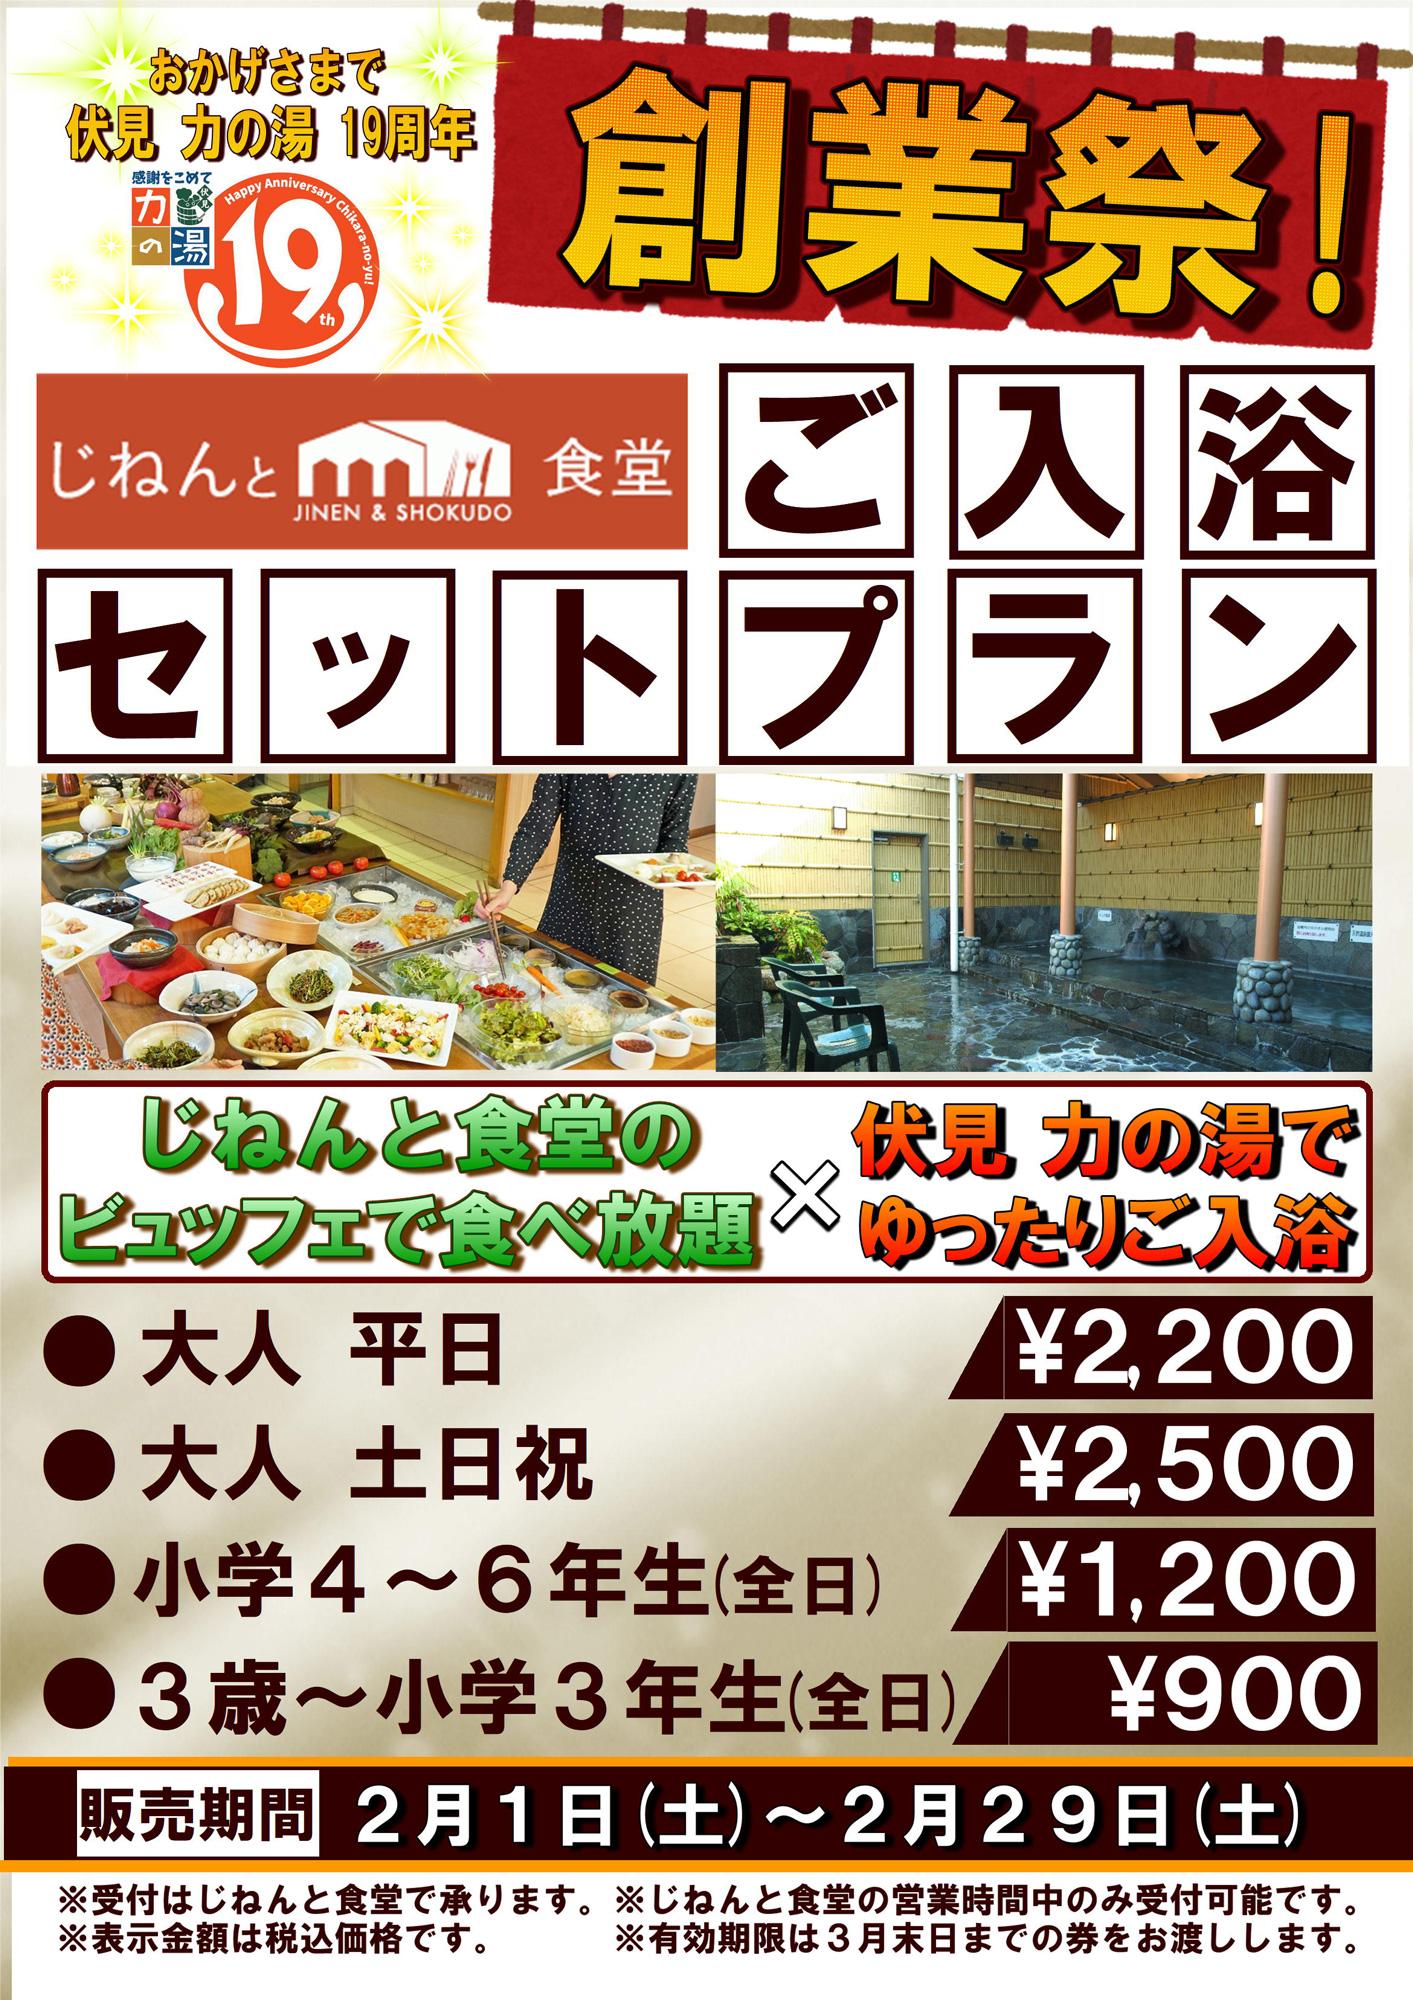 力の湯19周年記念「ご入浴セットプラン」販売!